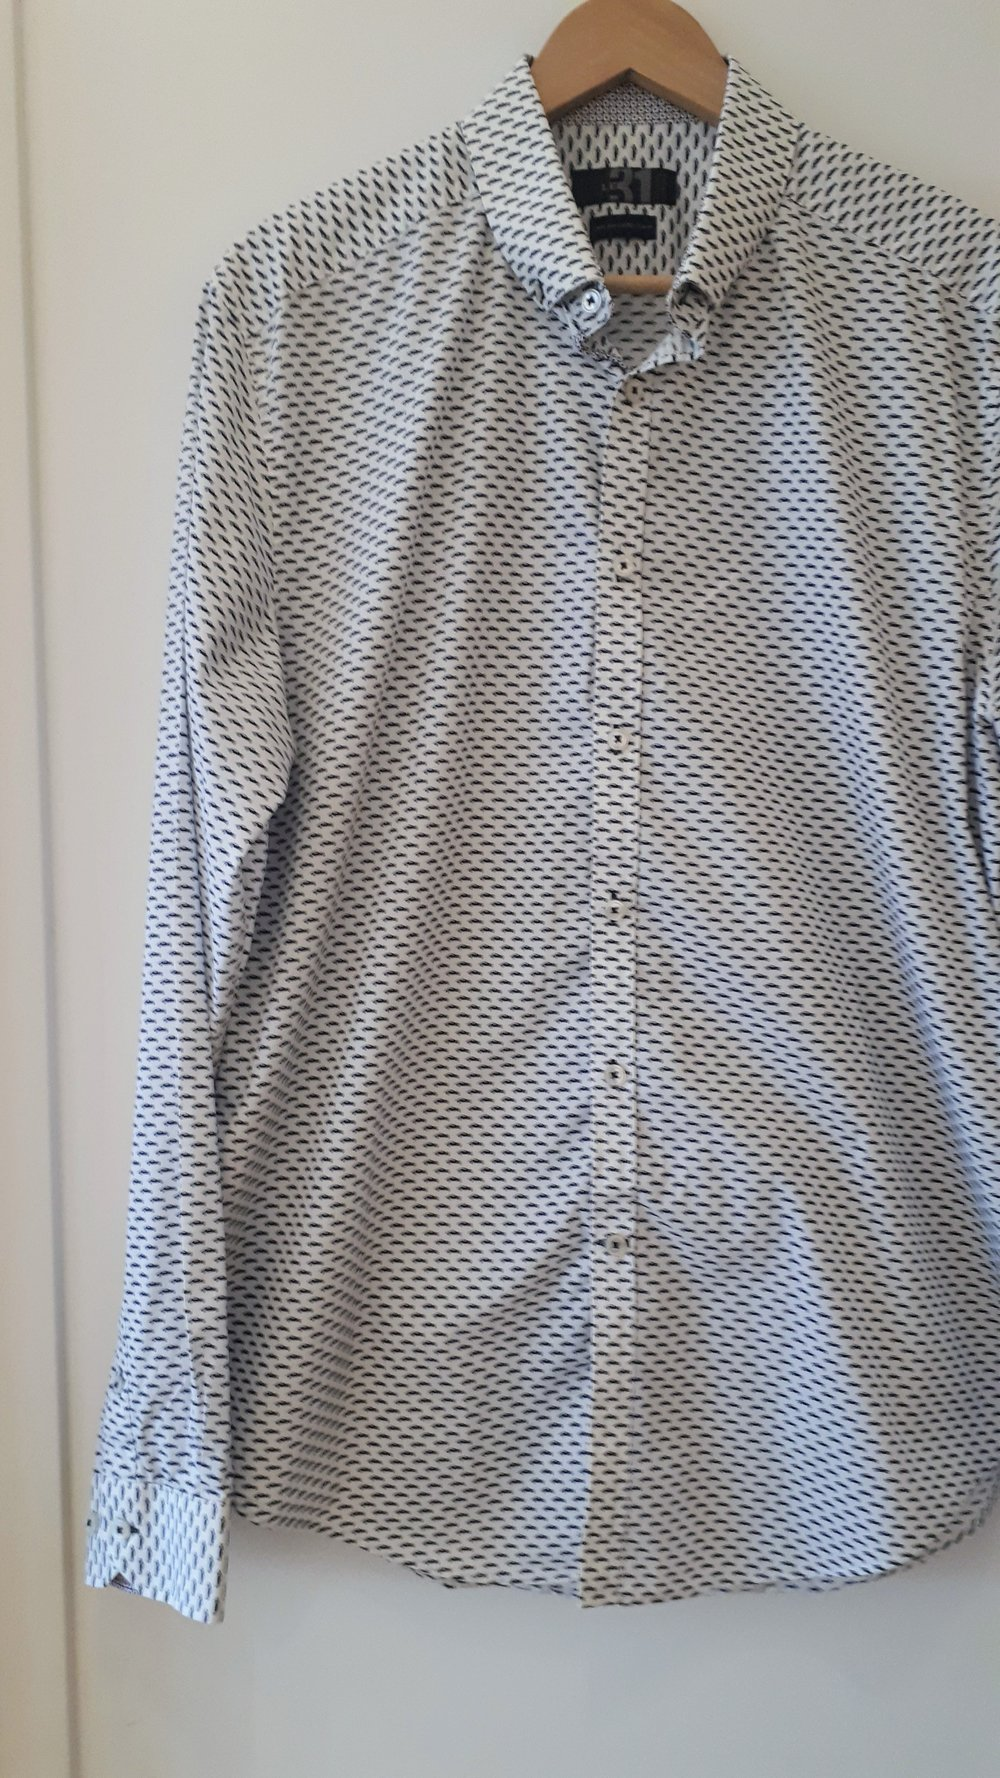 Le 31 shirt; Size L, $30